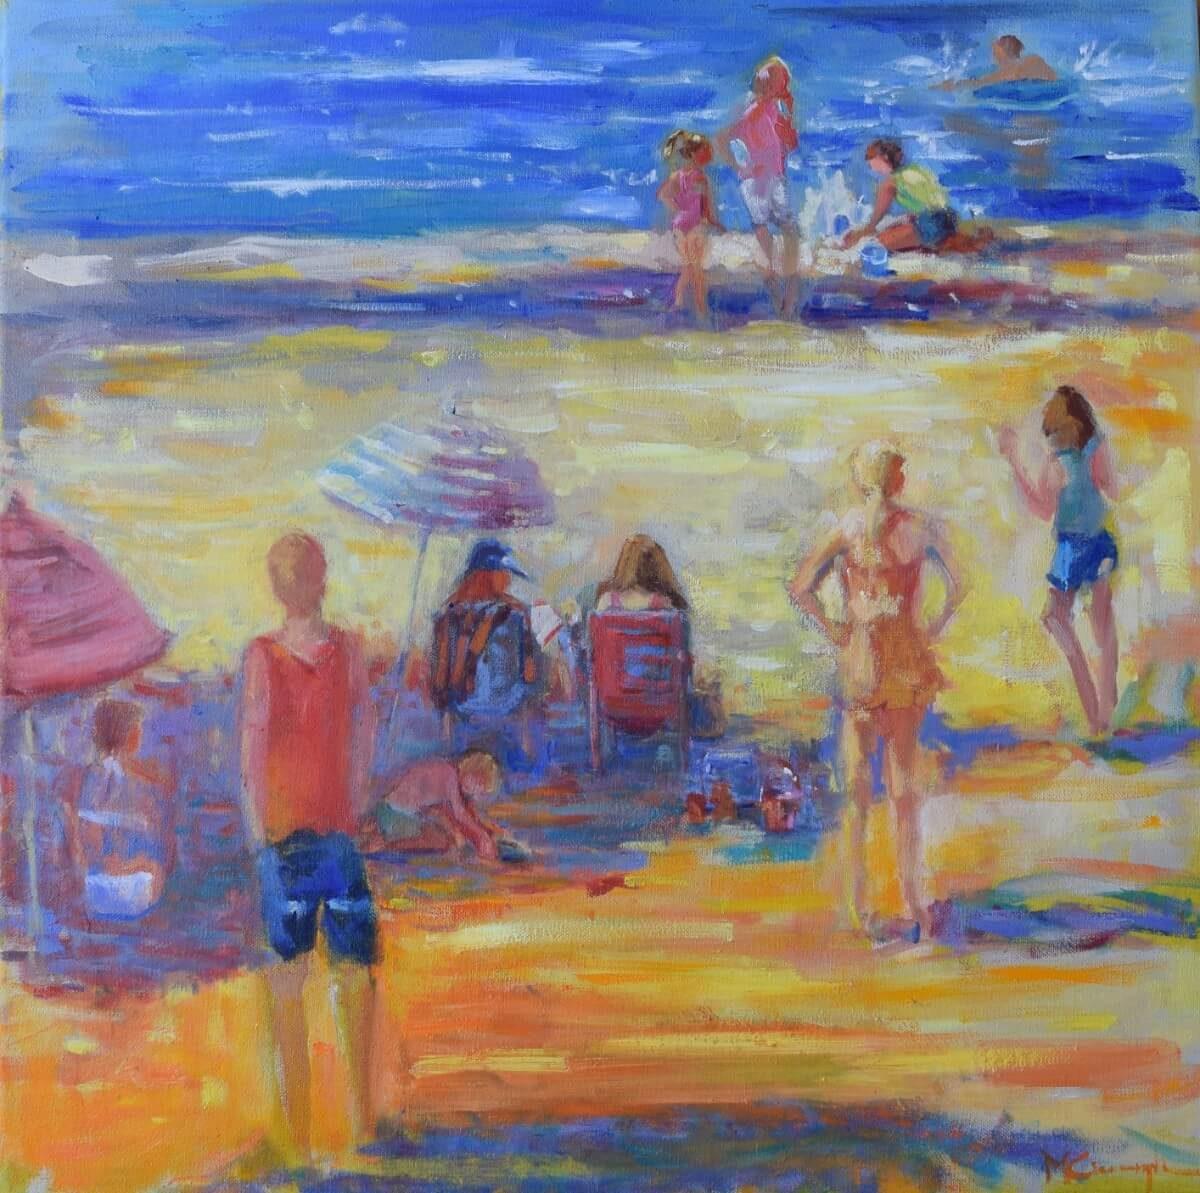 Beachgoers | Different wedding anniversary gift | Mishkalo Art Registry